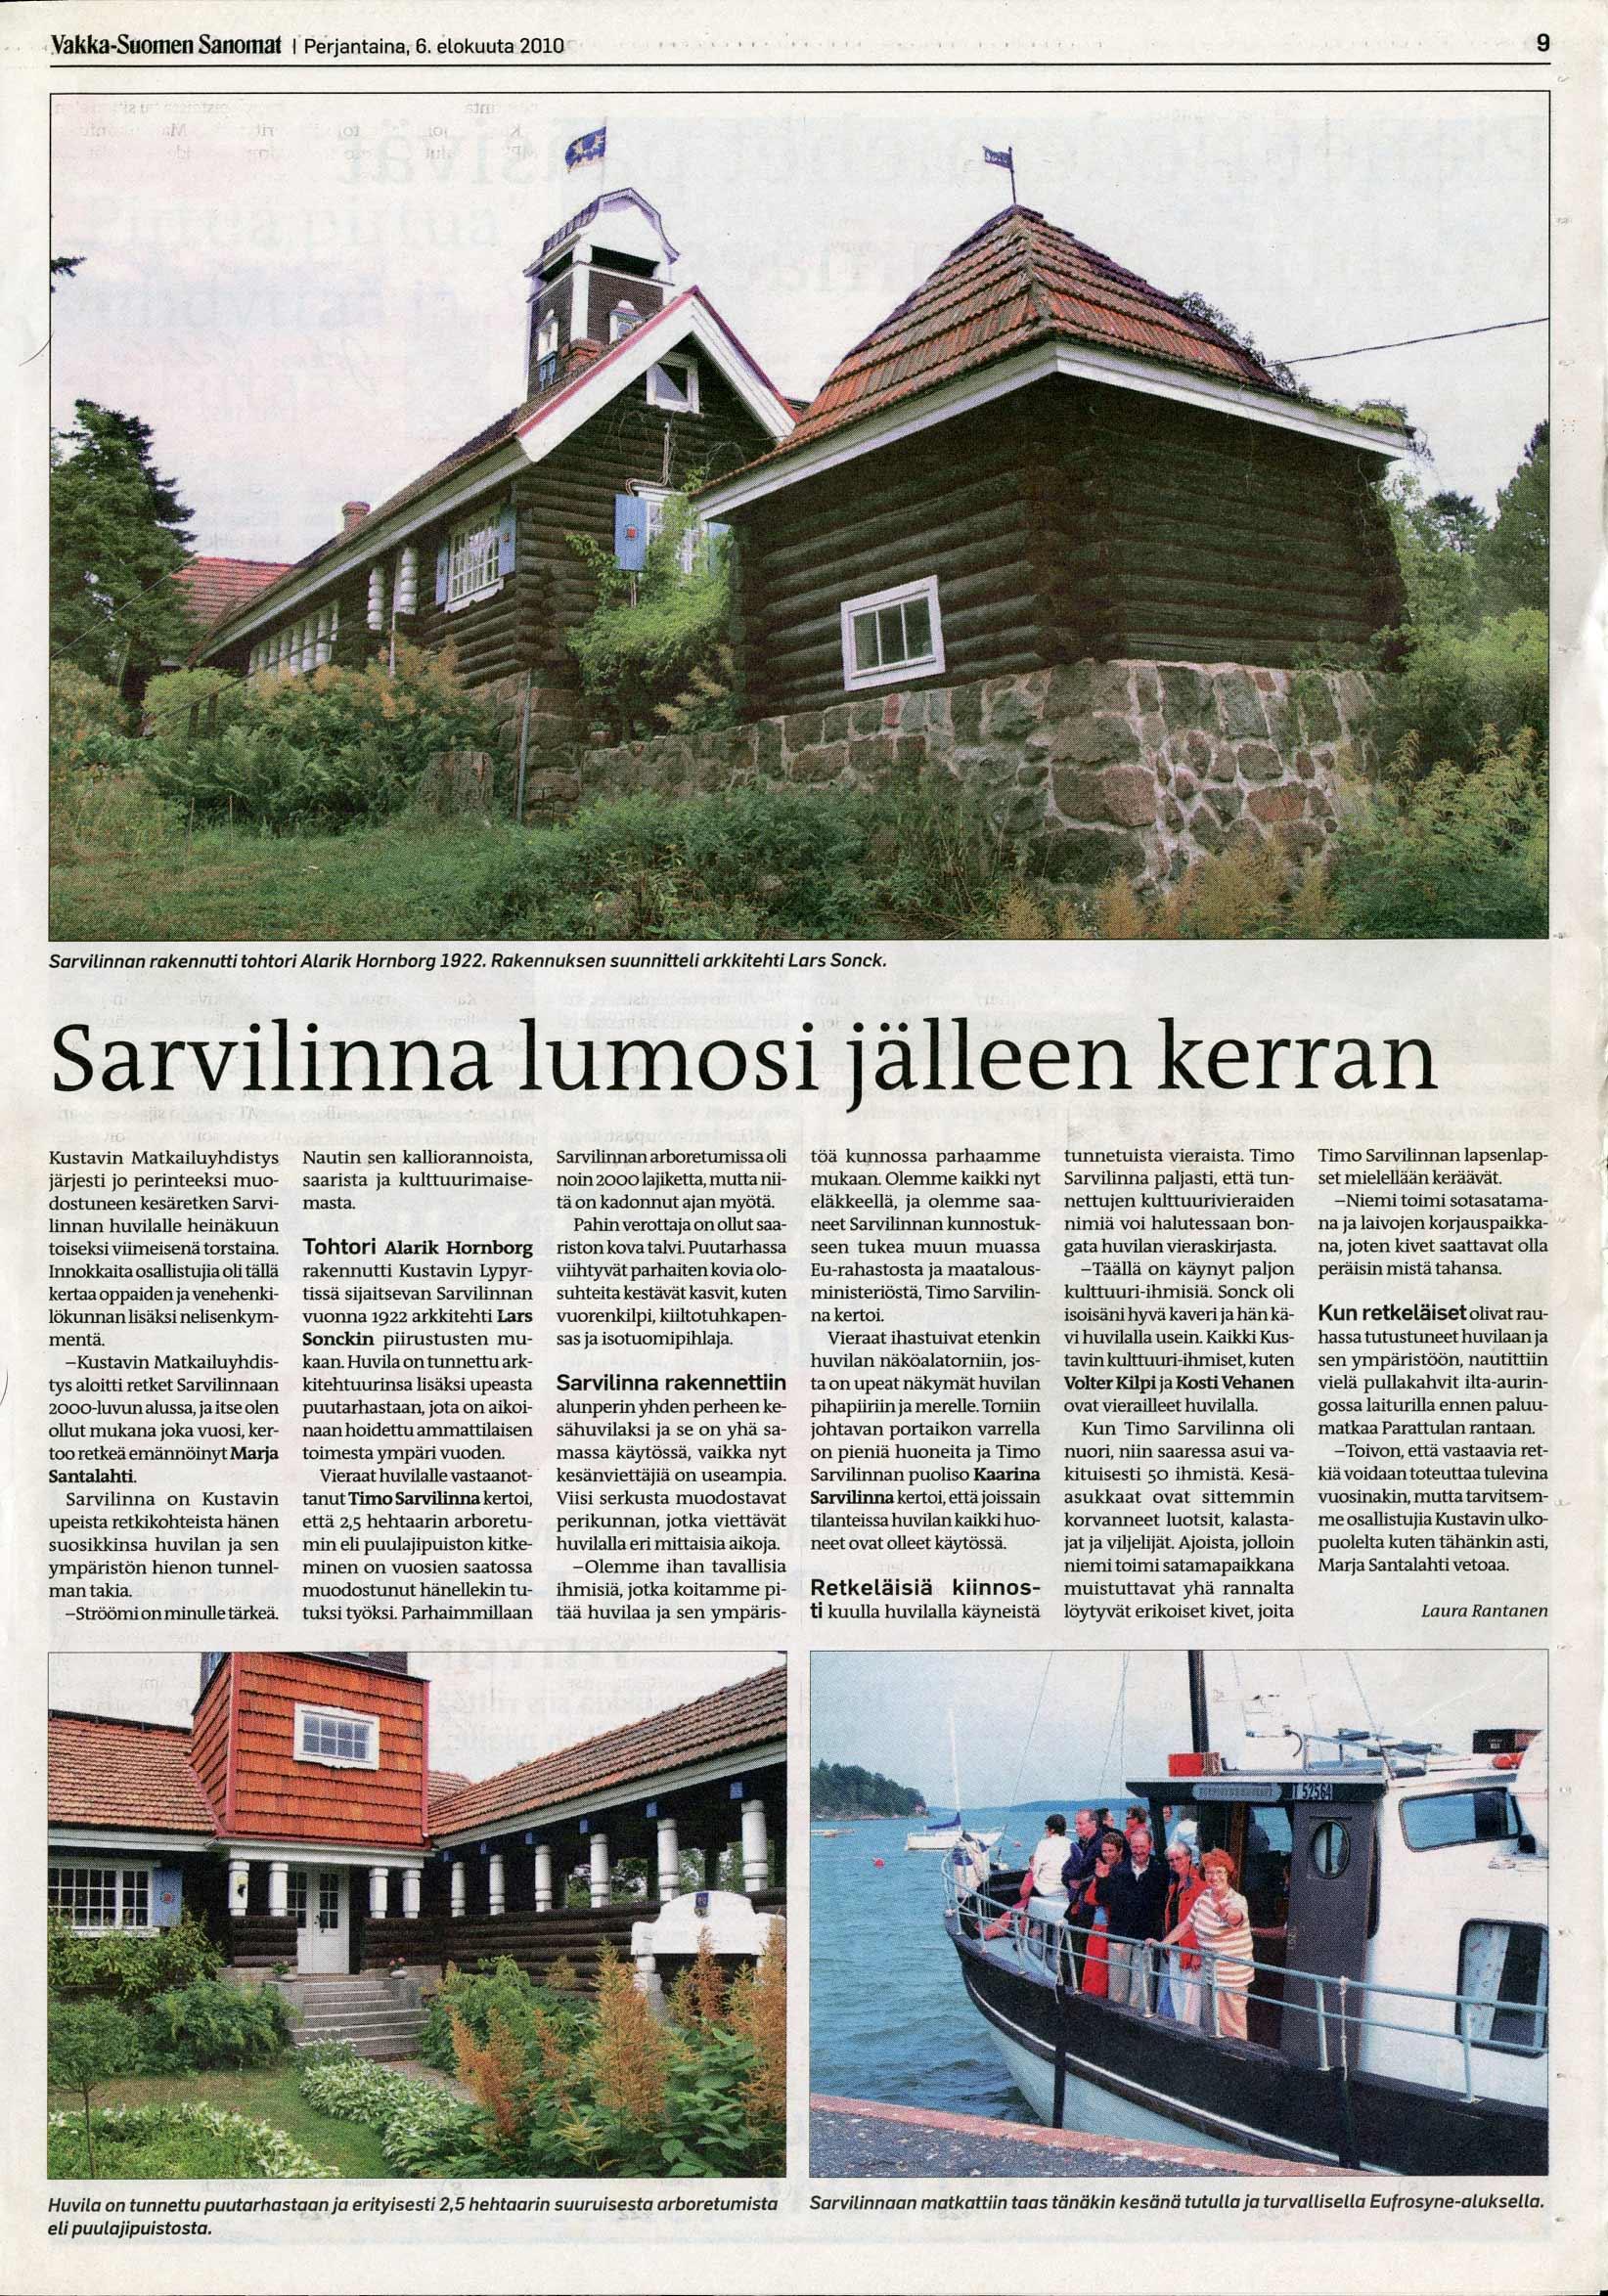 Vakka-Suomen Sanomat 6.8.2010